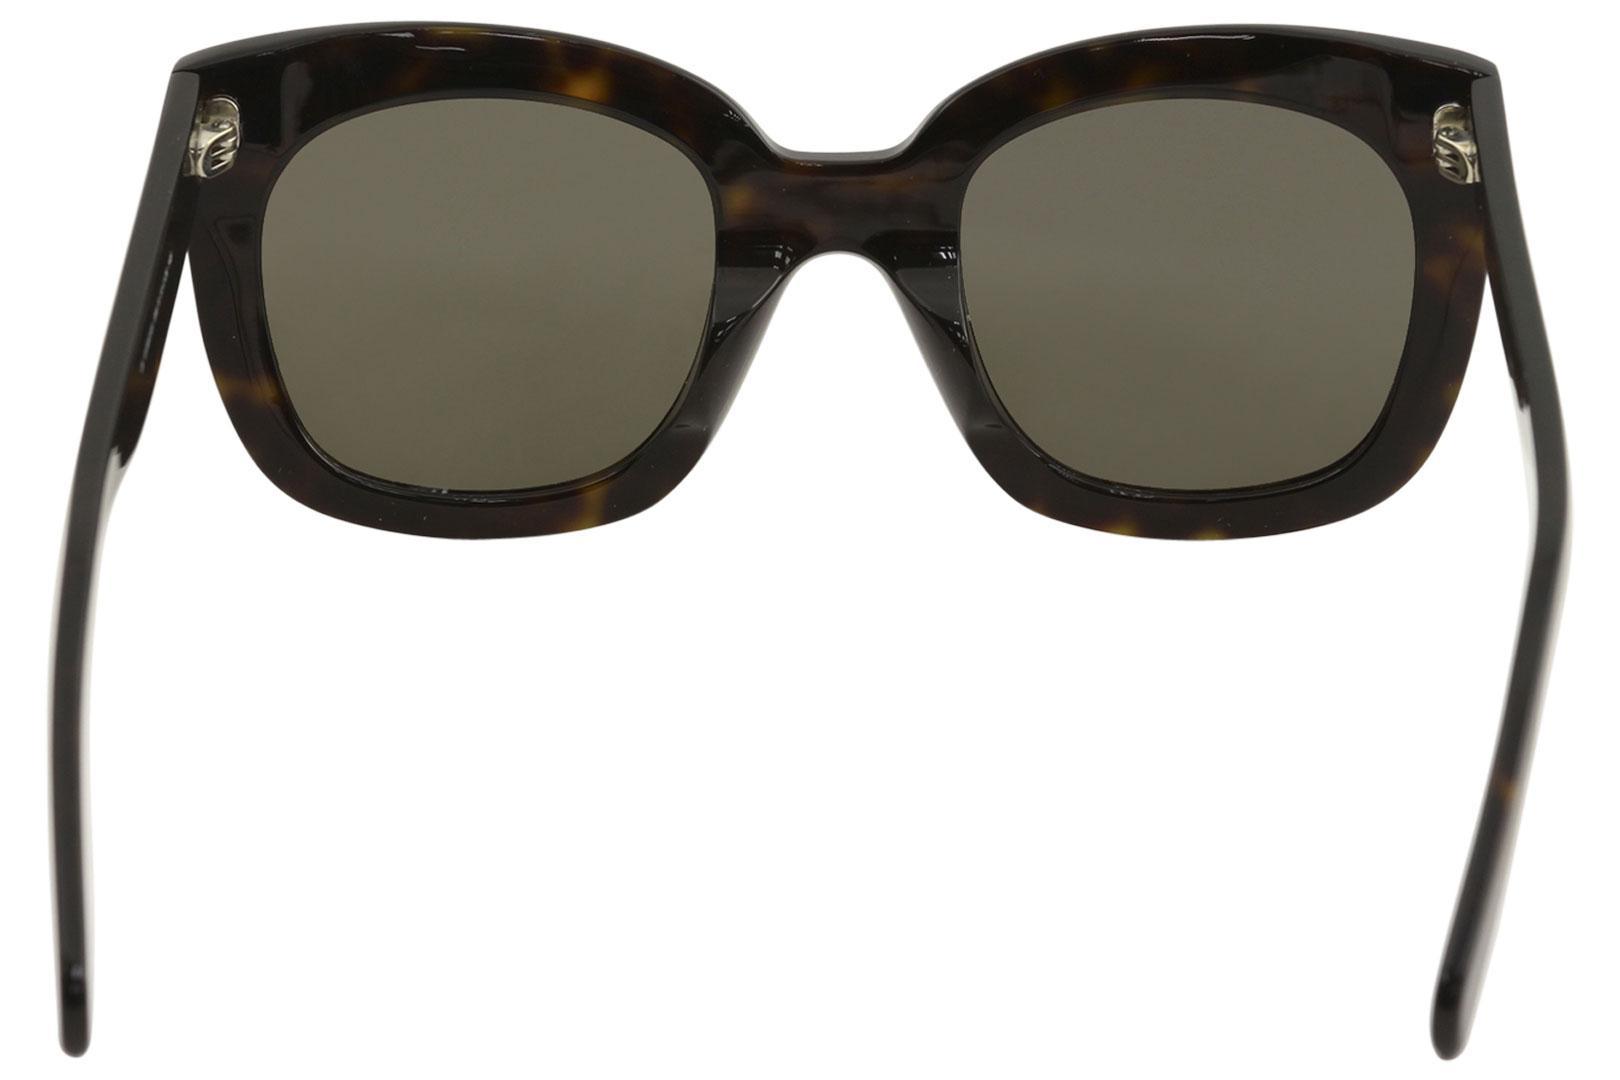 774ea31f61 Celine Women s CL 41385 FS 41385 F S Fashion Sunglasses